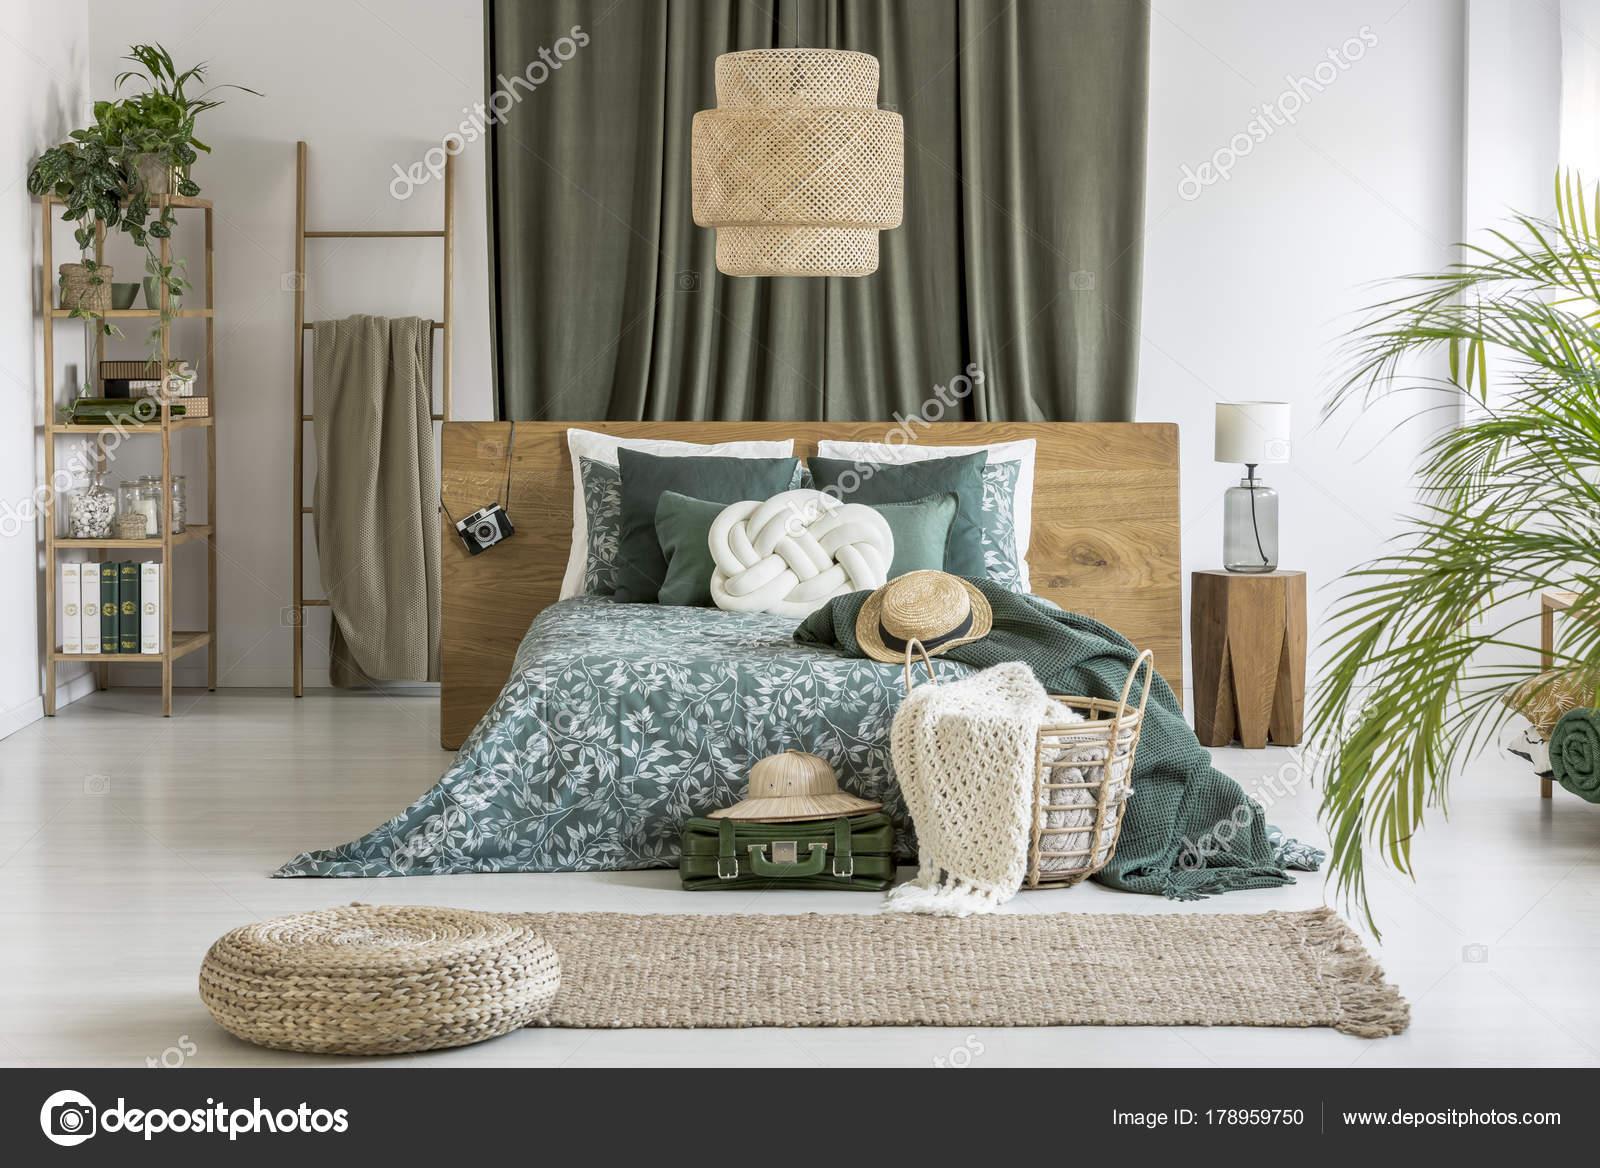 Pouf sul tappeto in camera da letto — Foto Stock © photographee.eu ...